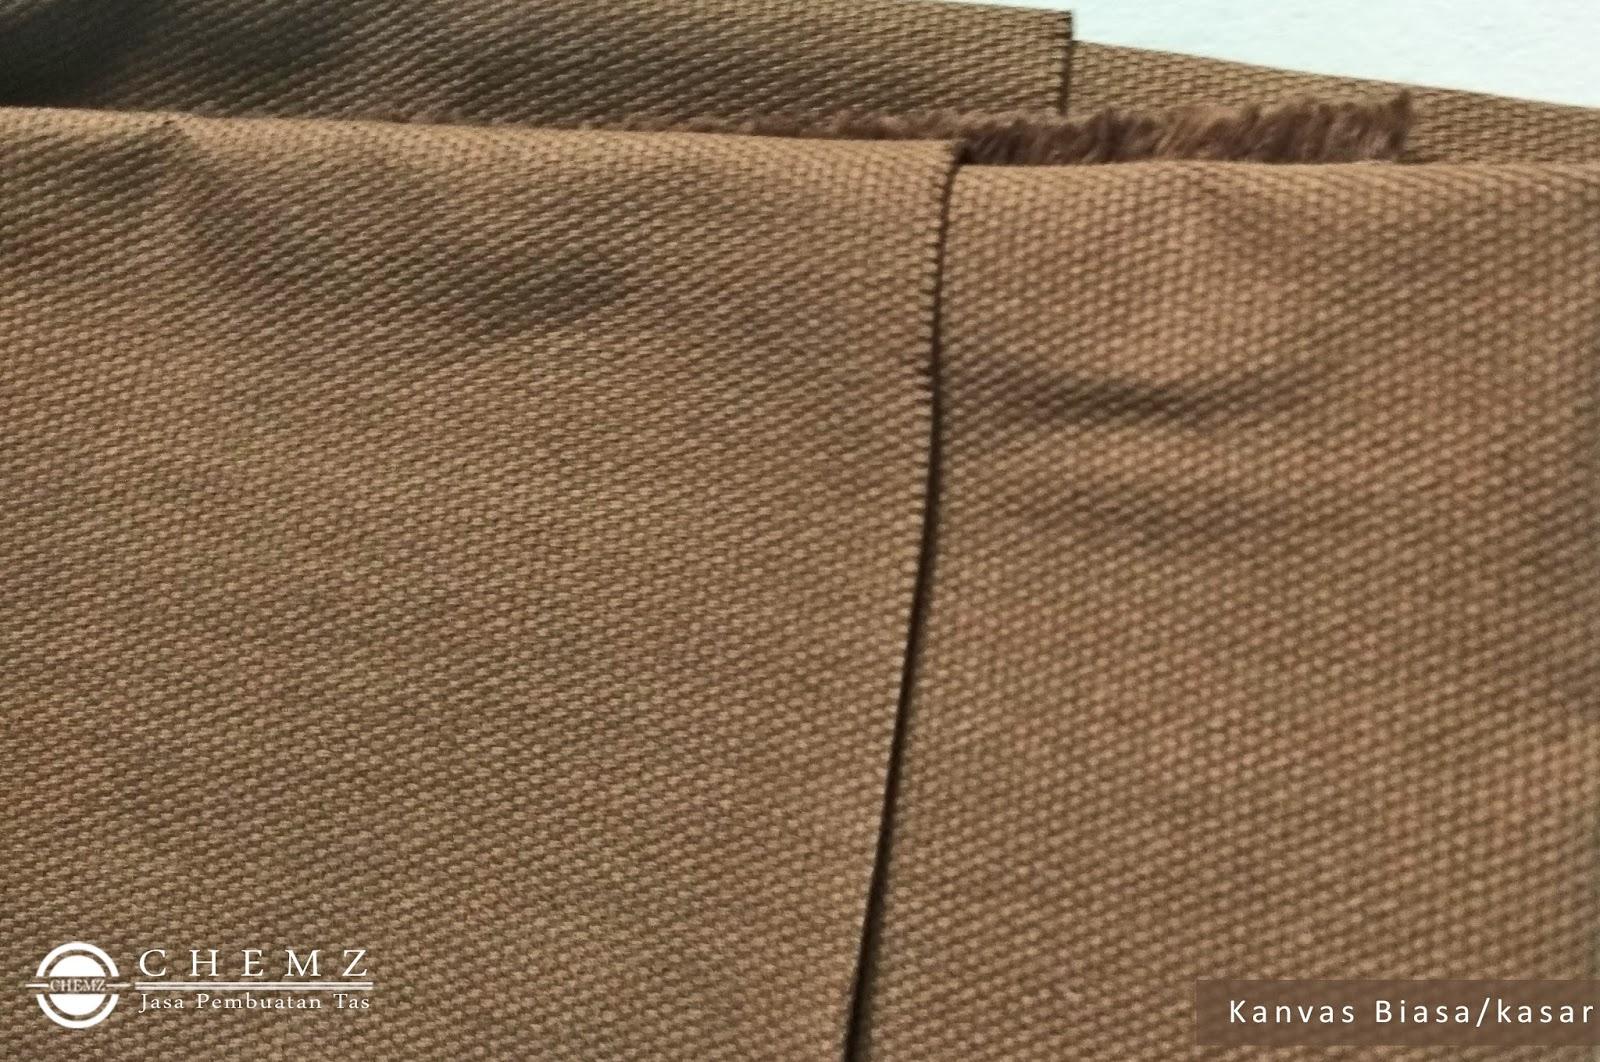 Bikin Tas Custom Dengan Bahan Kanvas Tempat Pensil Kain Biasa Memiliki Tesktur Permukaan Yang Agak Kasar Dan Sedikit Kaku Halus Tekstur Lebih Tidak